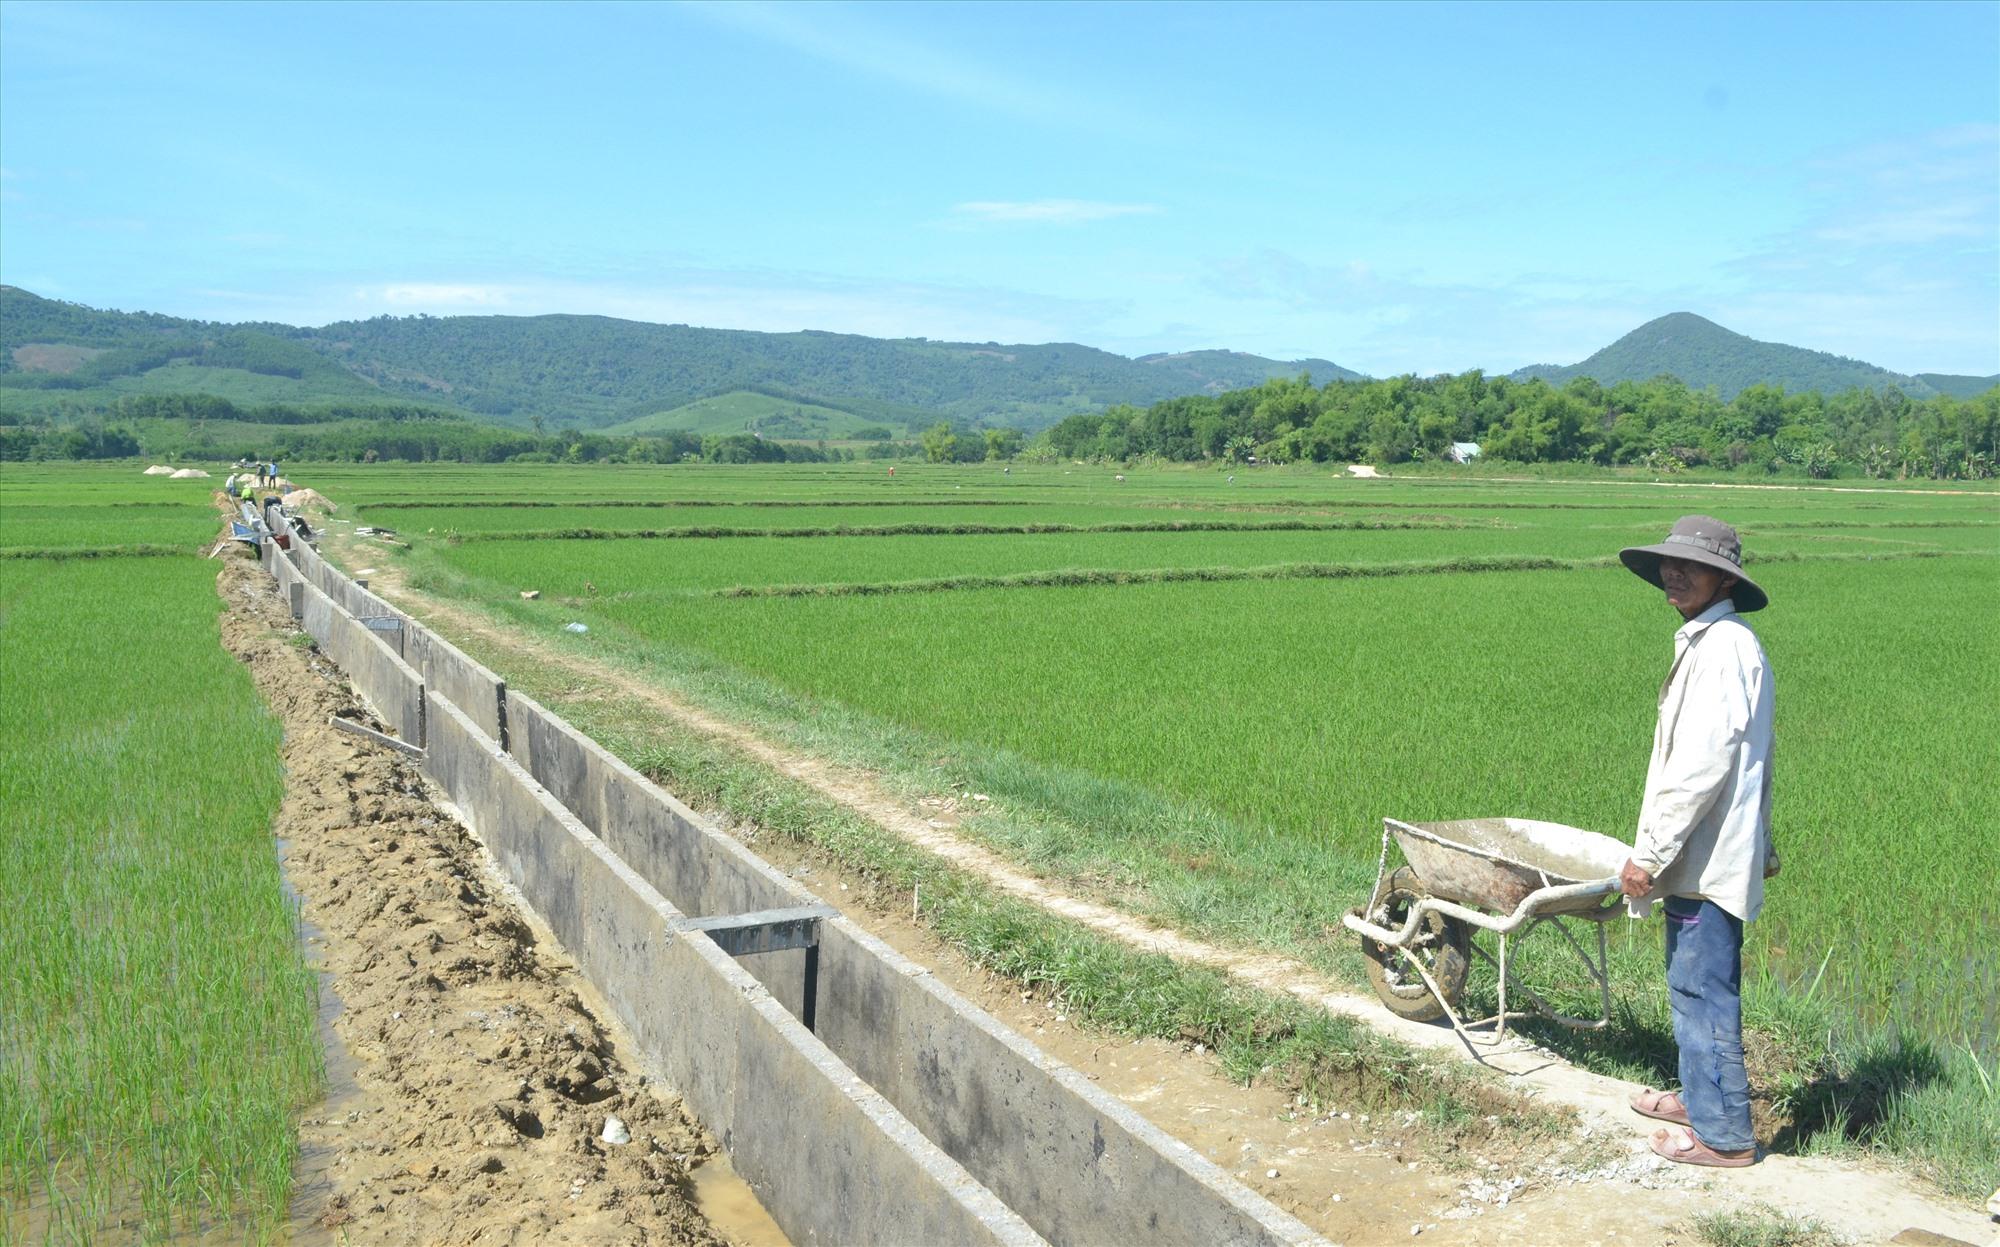 Nông dân xã Bình Phú tham gia xây dựng kênh mương nội đồng để thuận lợi cho sản xuất. Ảnh: VIỆT NGUYỄN